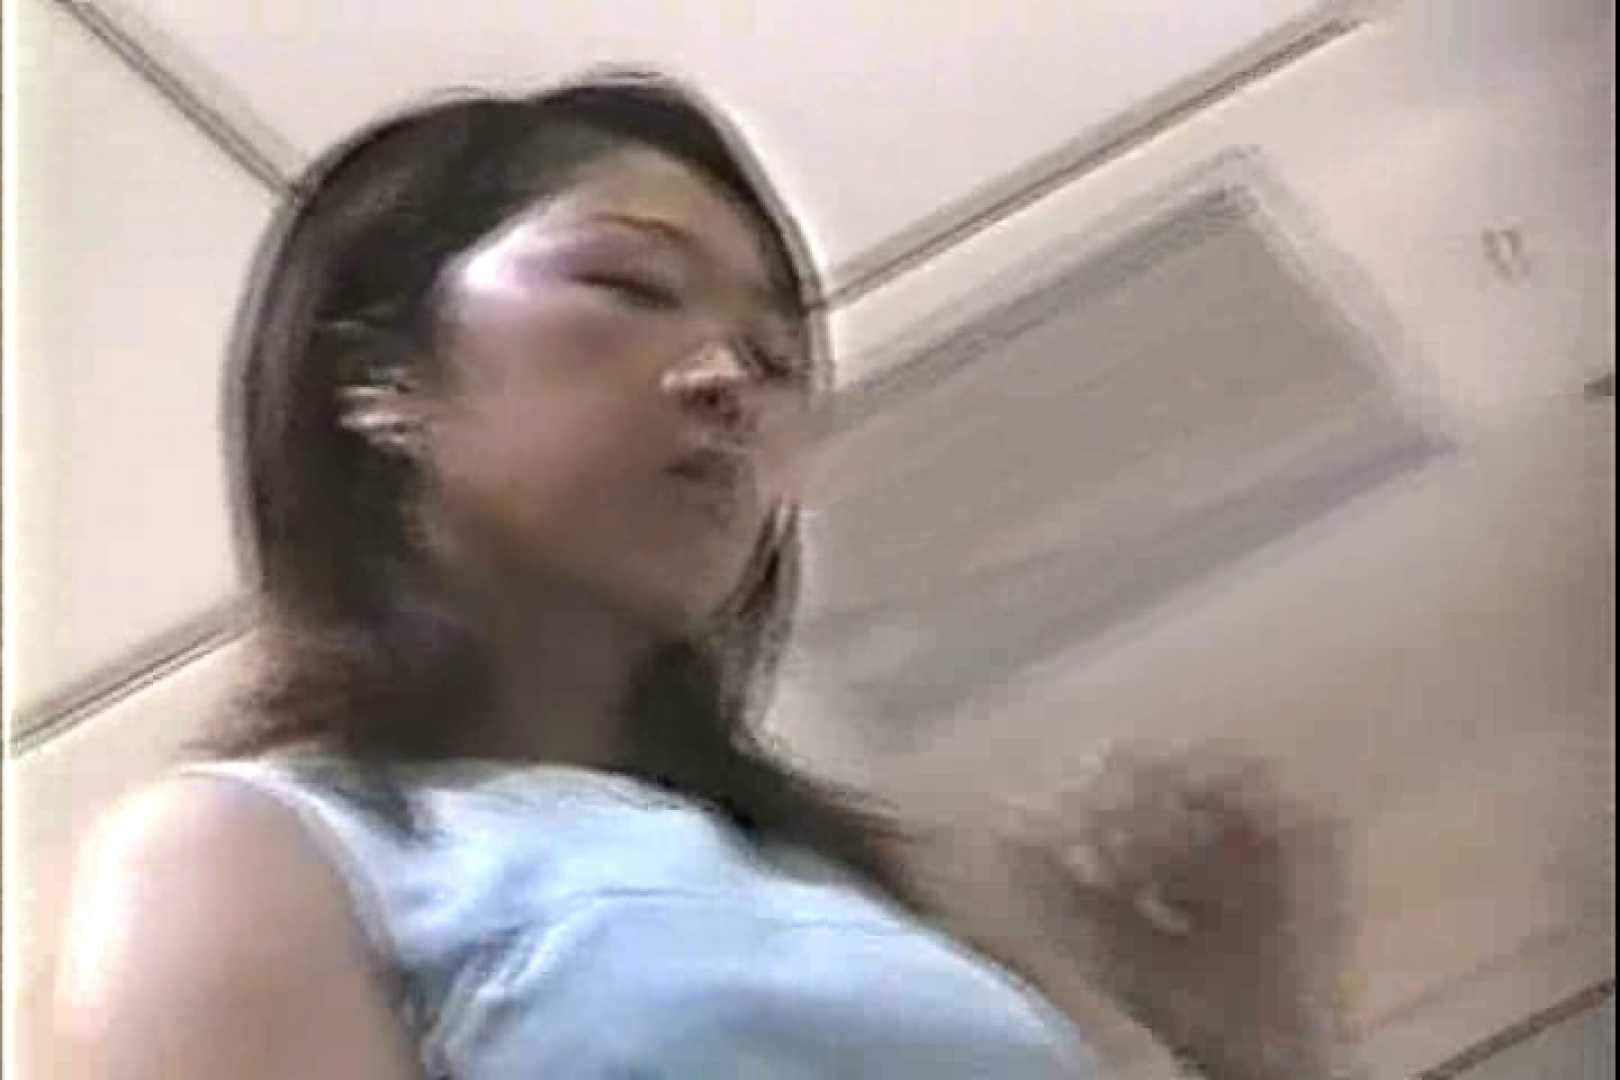 「ちくりん」さんのオリジナル未編集パンチラVol.6_02 美しいOLの裸体 盗み撮り動画キャプチャ 71pic 14